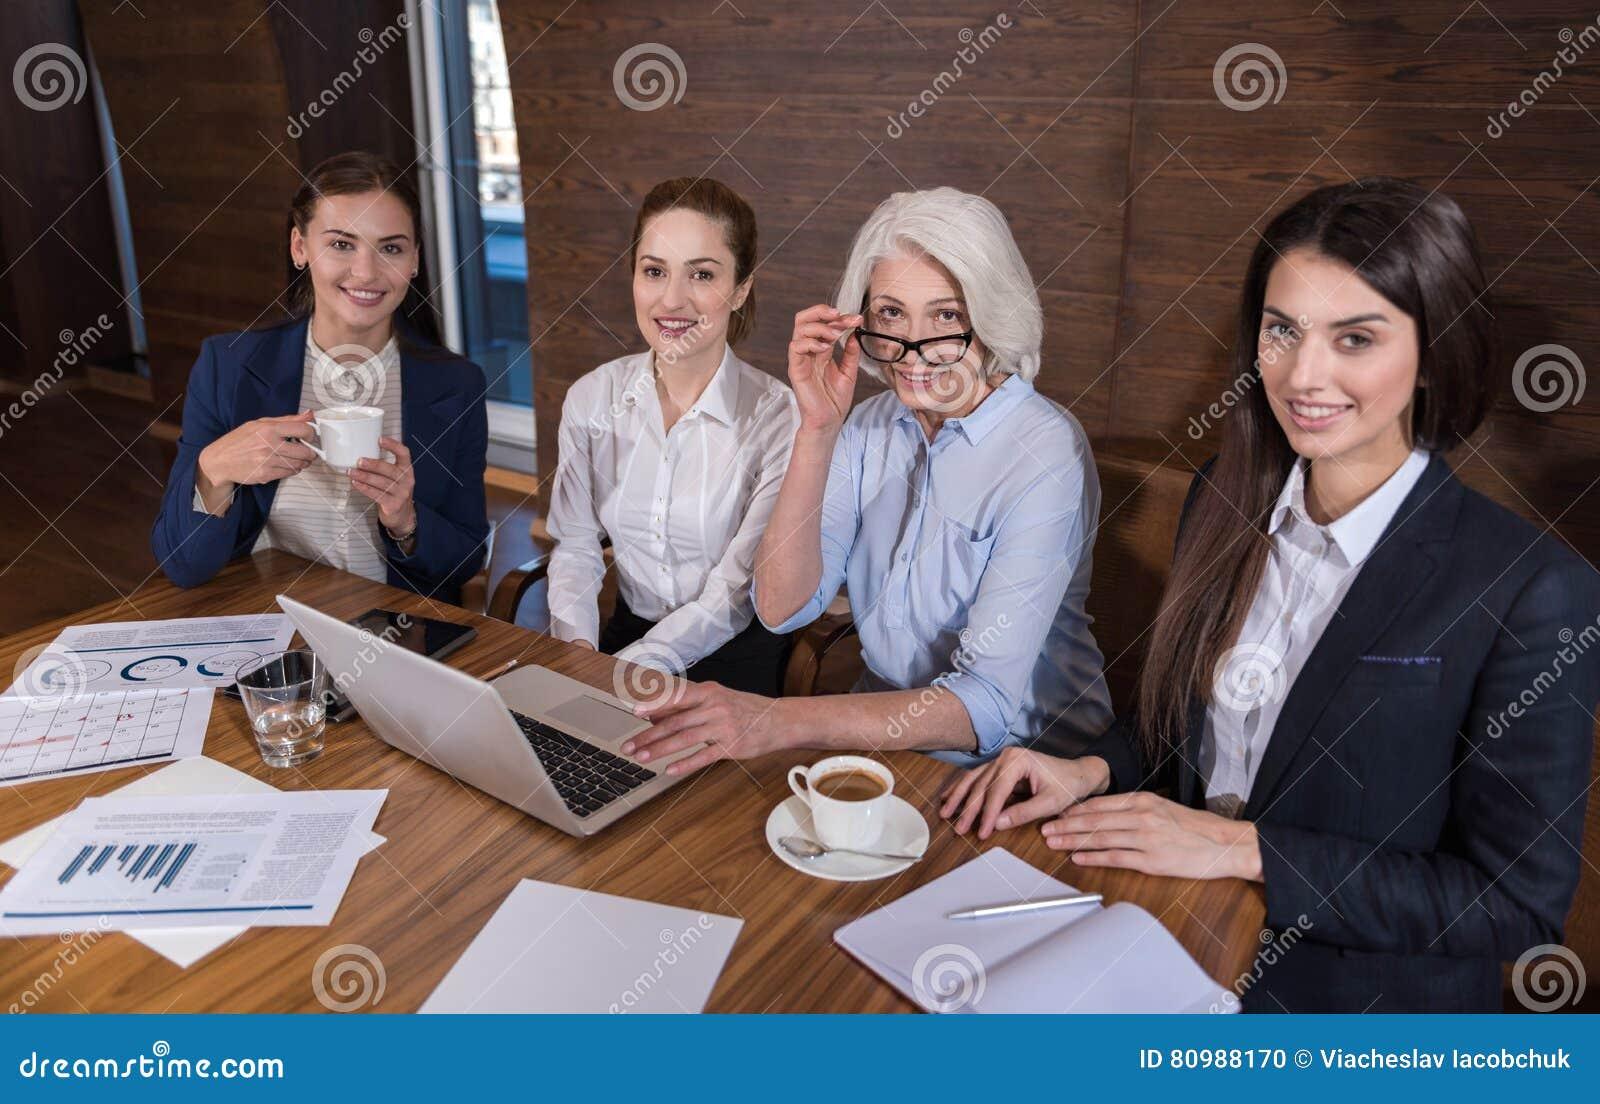 Förtjusta kollegor som poserar efter arbete